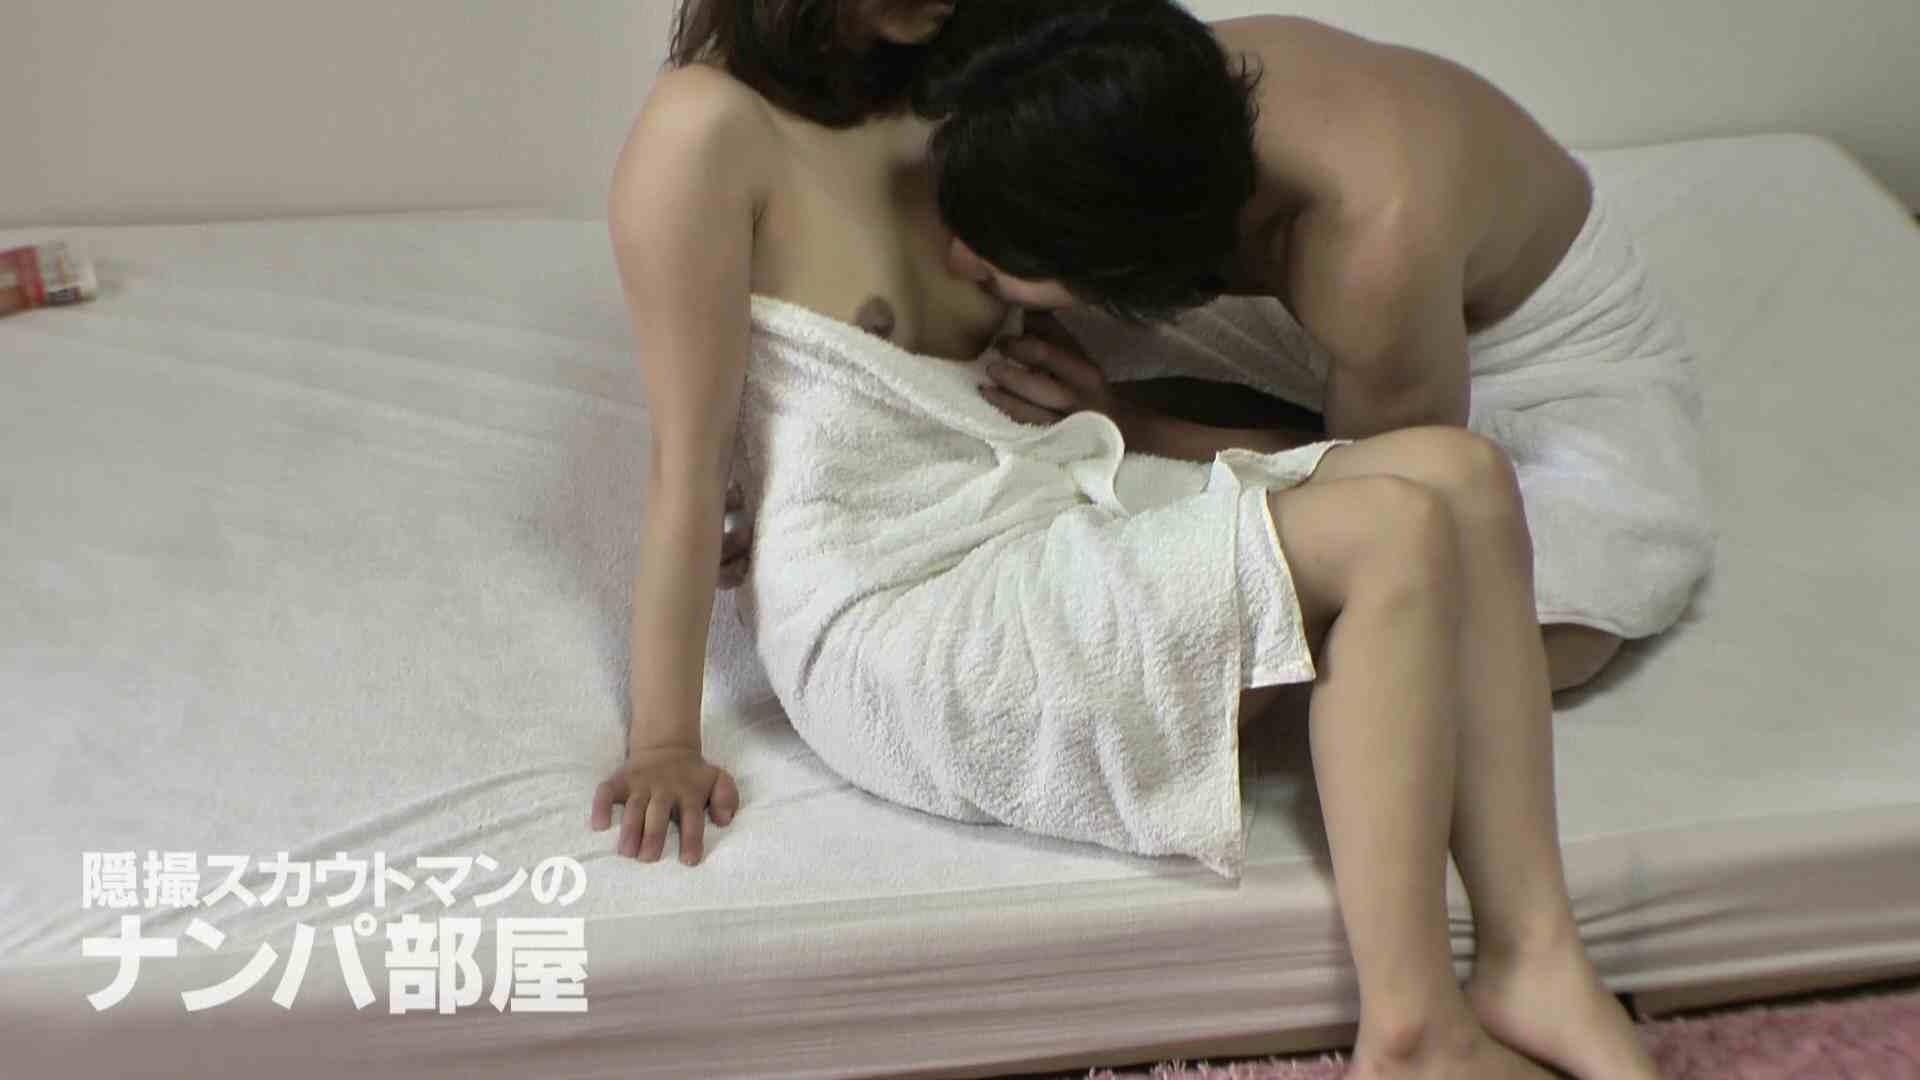 隠撮スカウトマンのナンパ部屋~風俗デビュー前のつまみ食い~ sii 隠撮 | 脱衣所  94pic 61